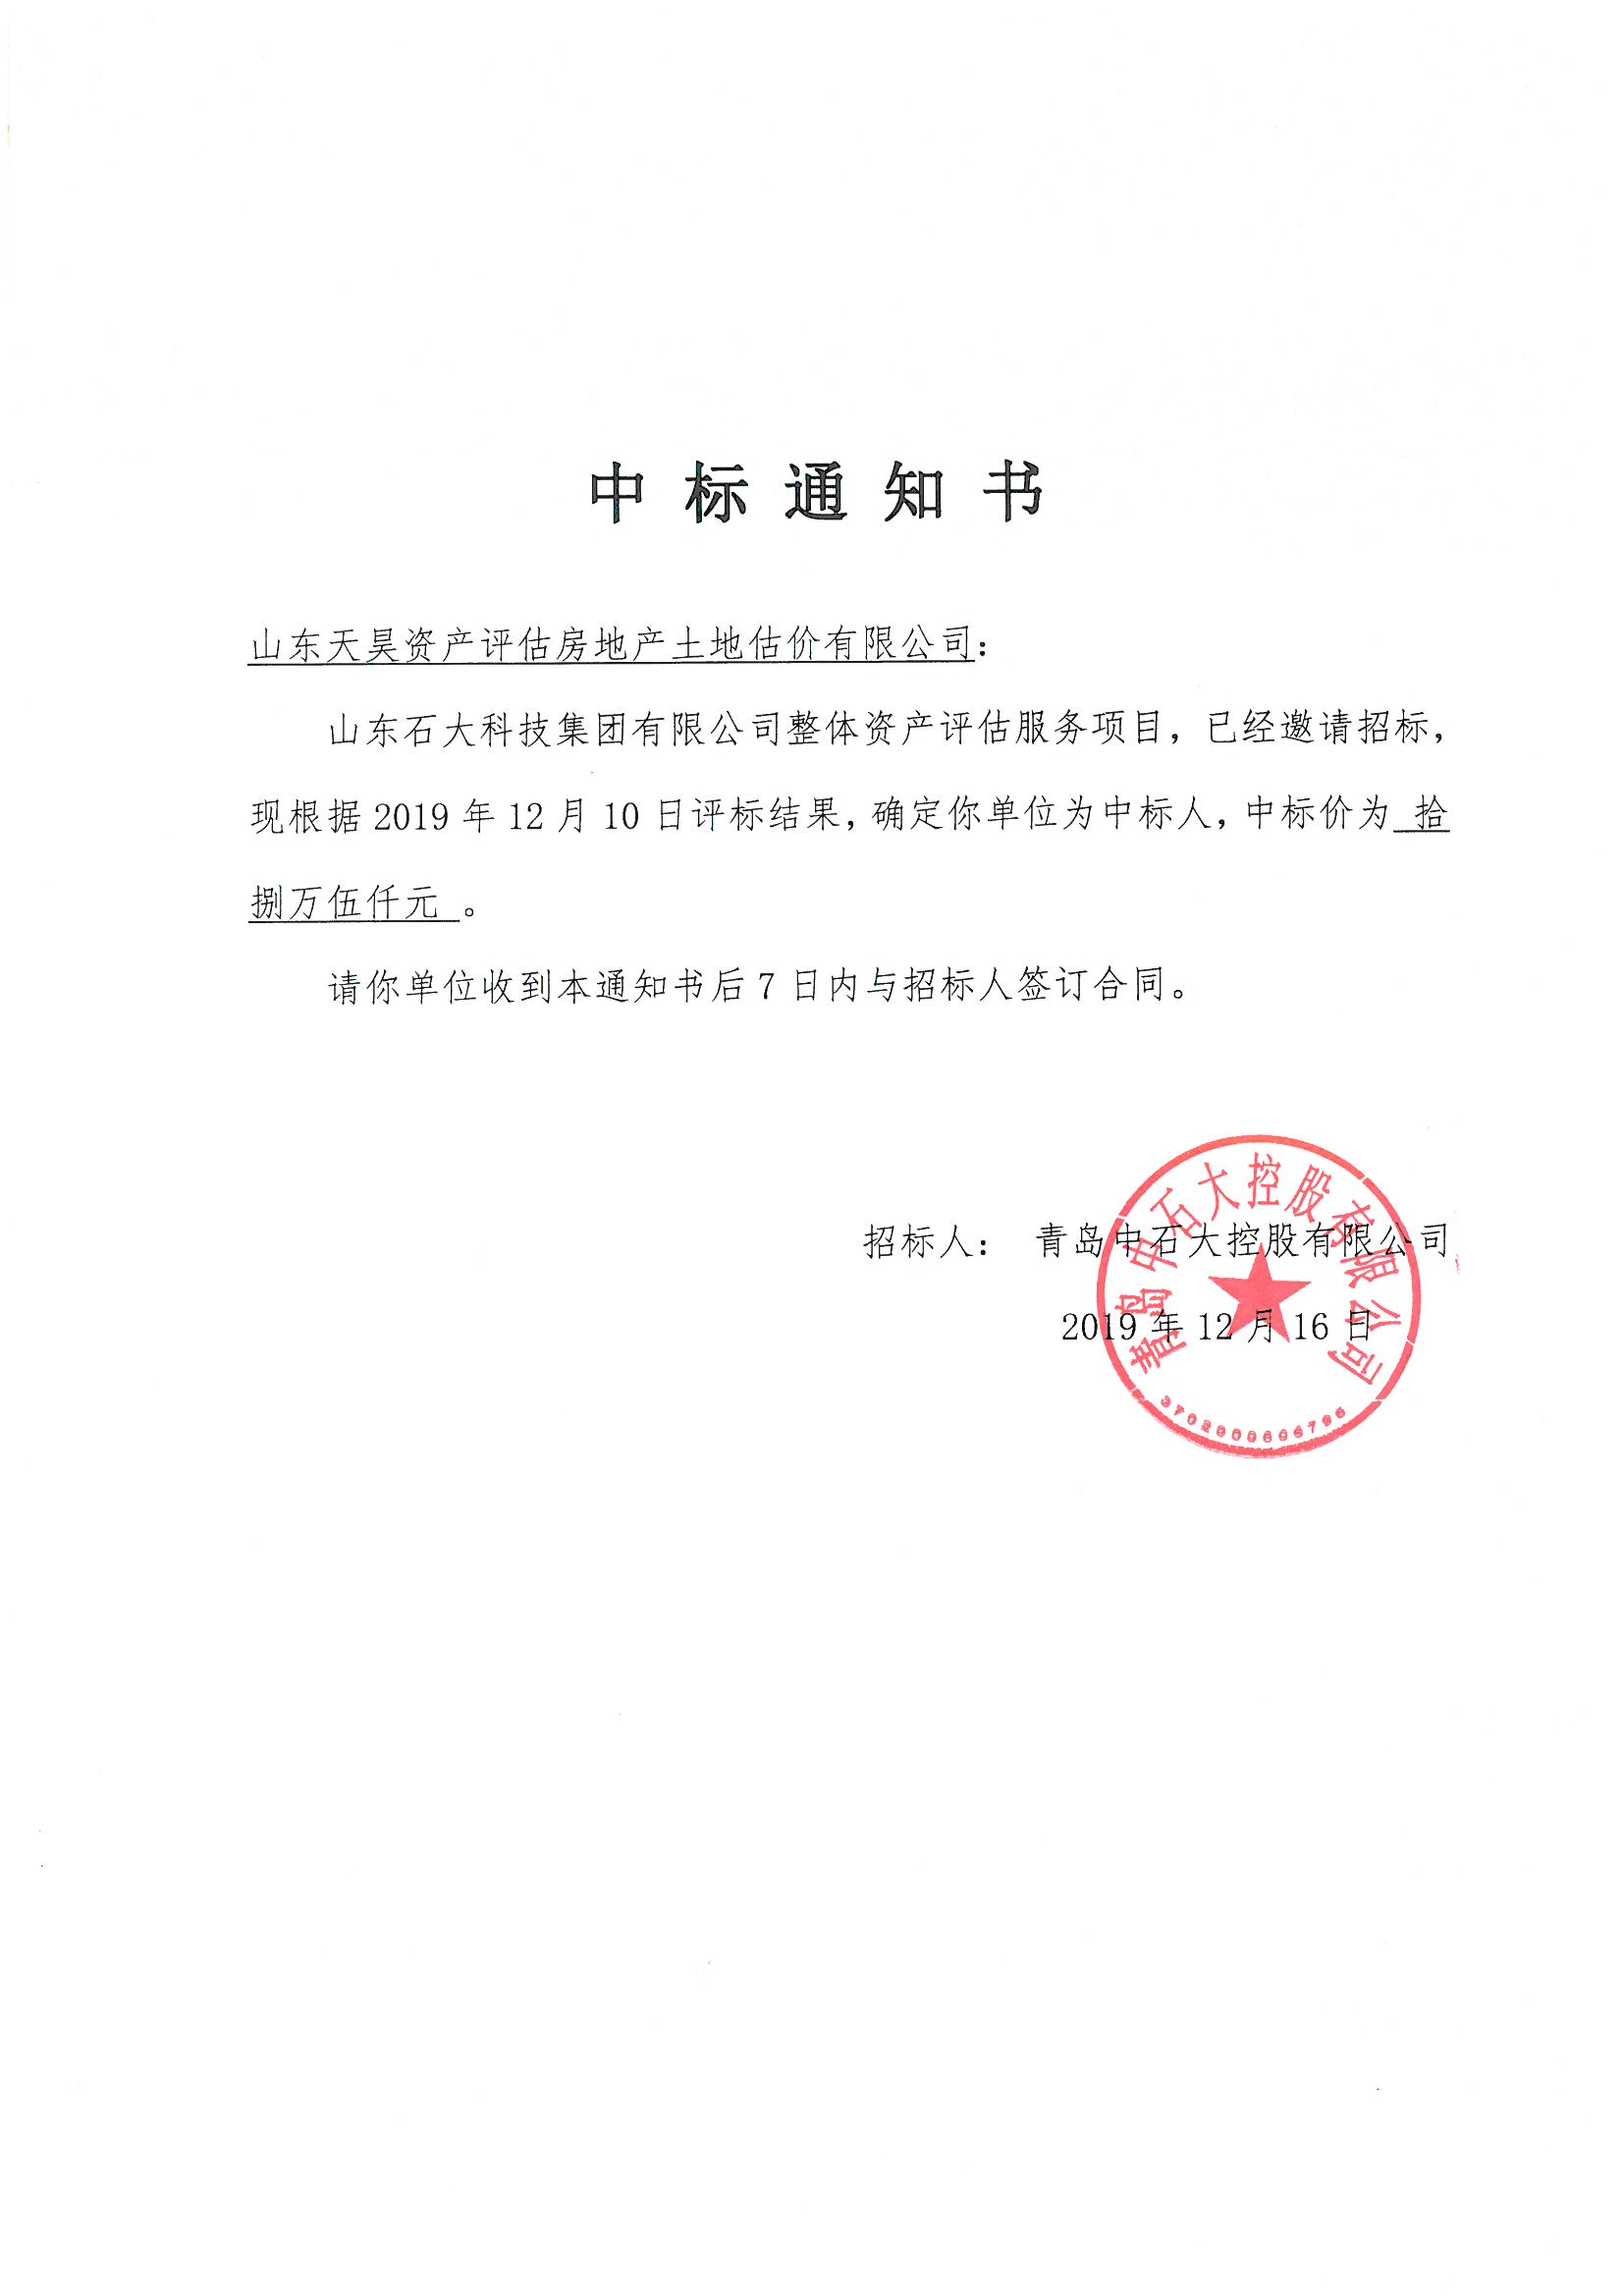 青岛石大科技整体资产评估项目中标通知